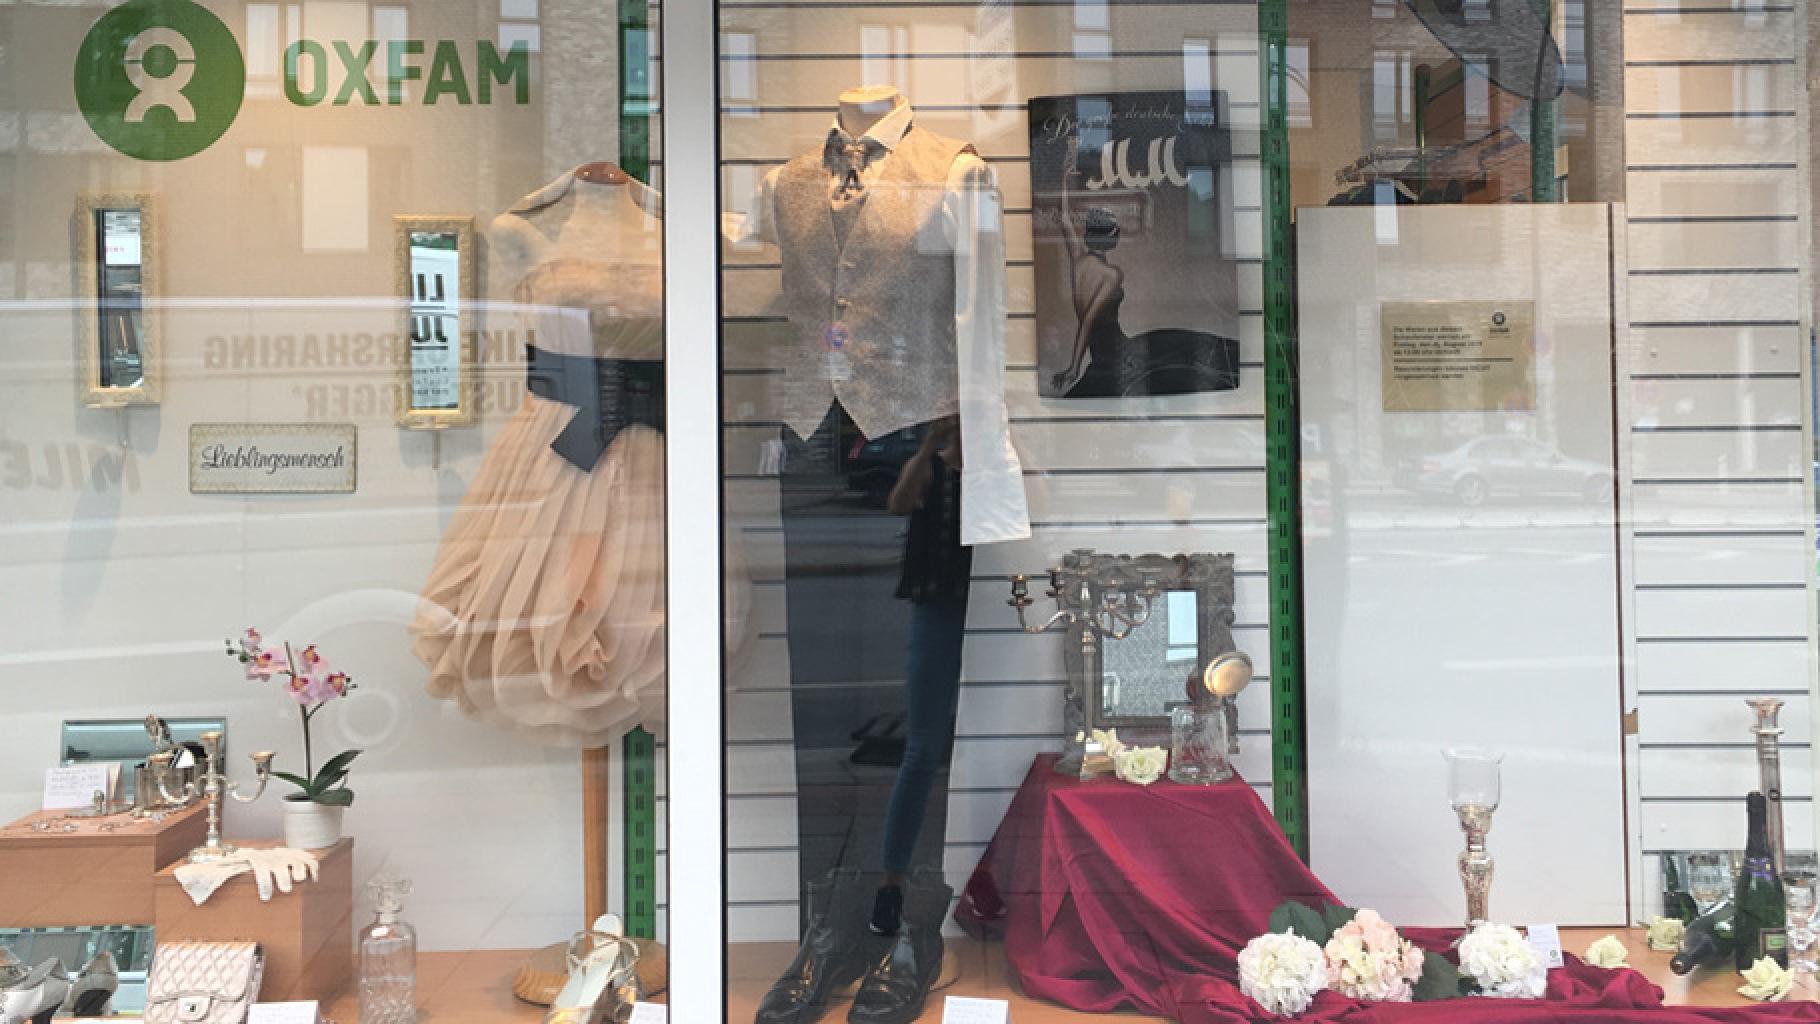 Festliche Kleidung im Schaufenster eines Oxfam Shops